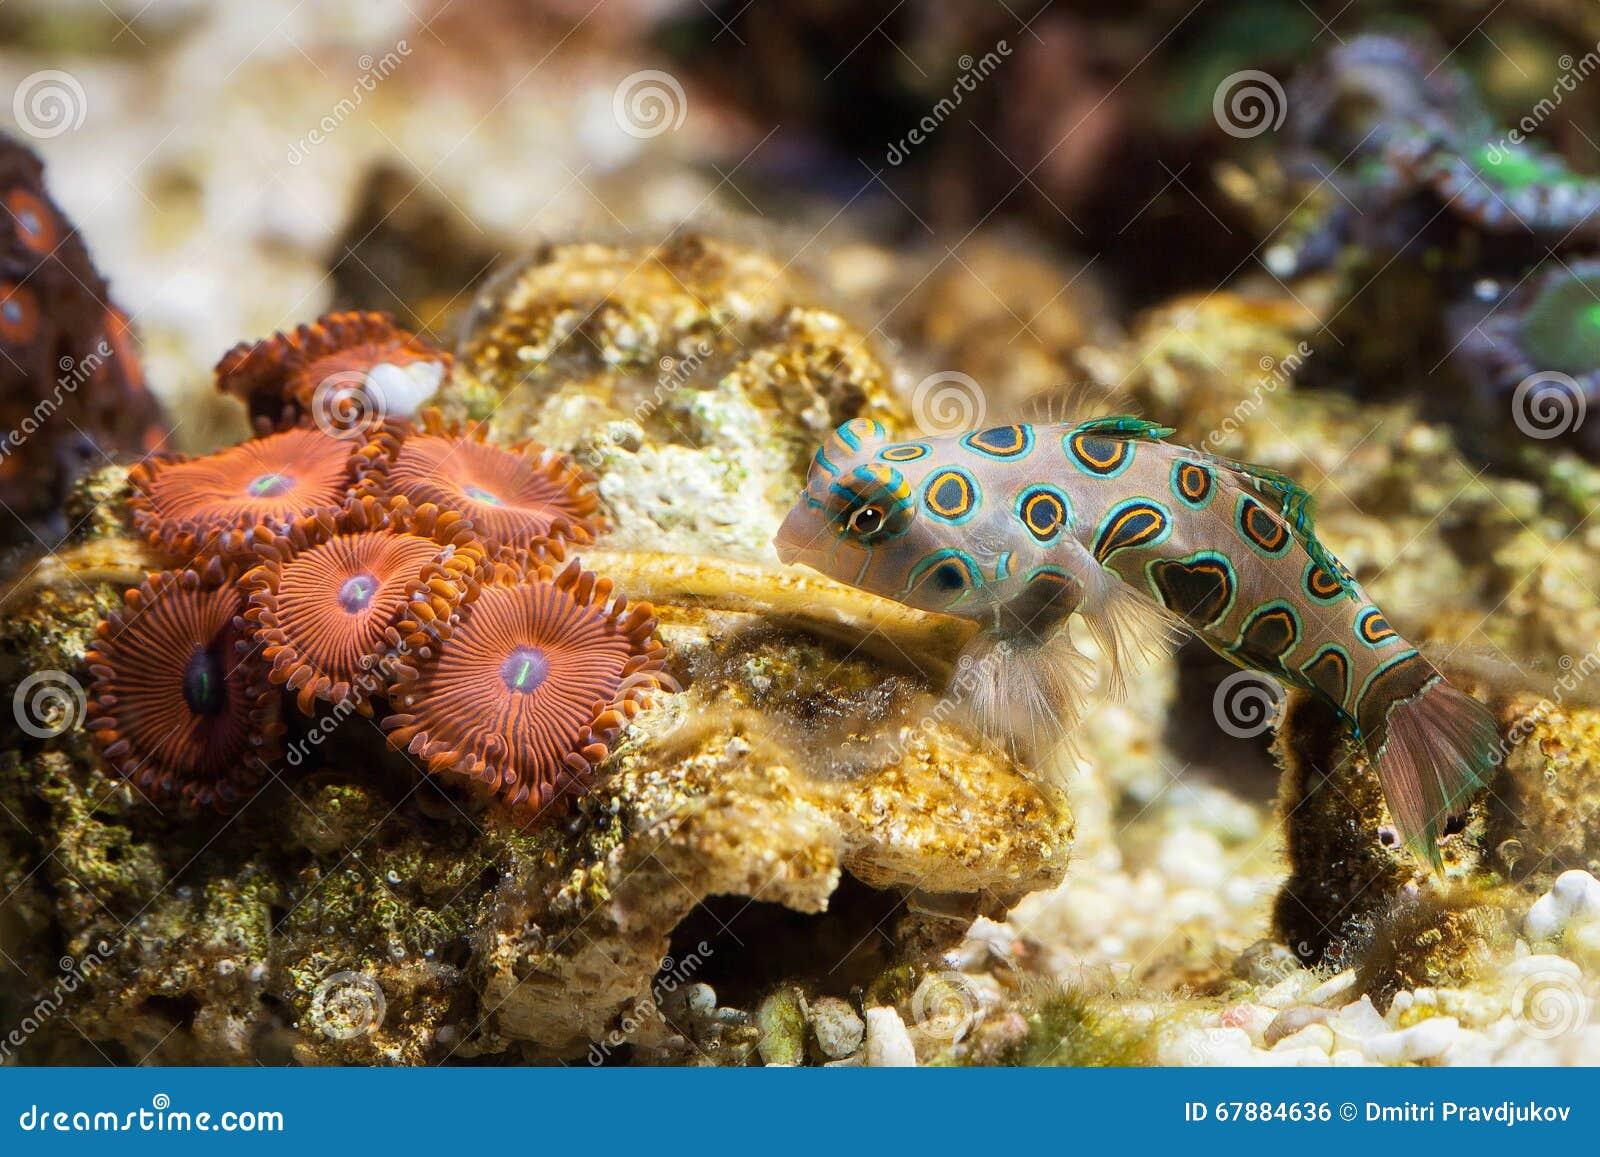 Pescado El mandarinfish de Dragonet (splendidus de Synchiropus) nada encima